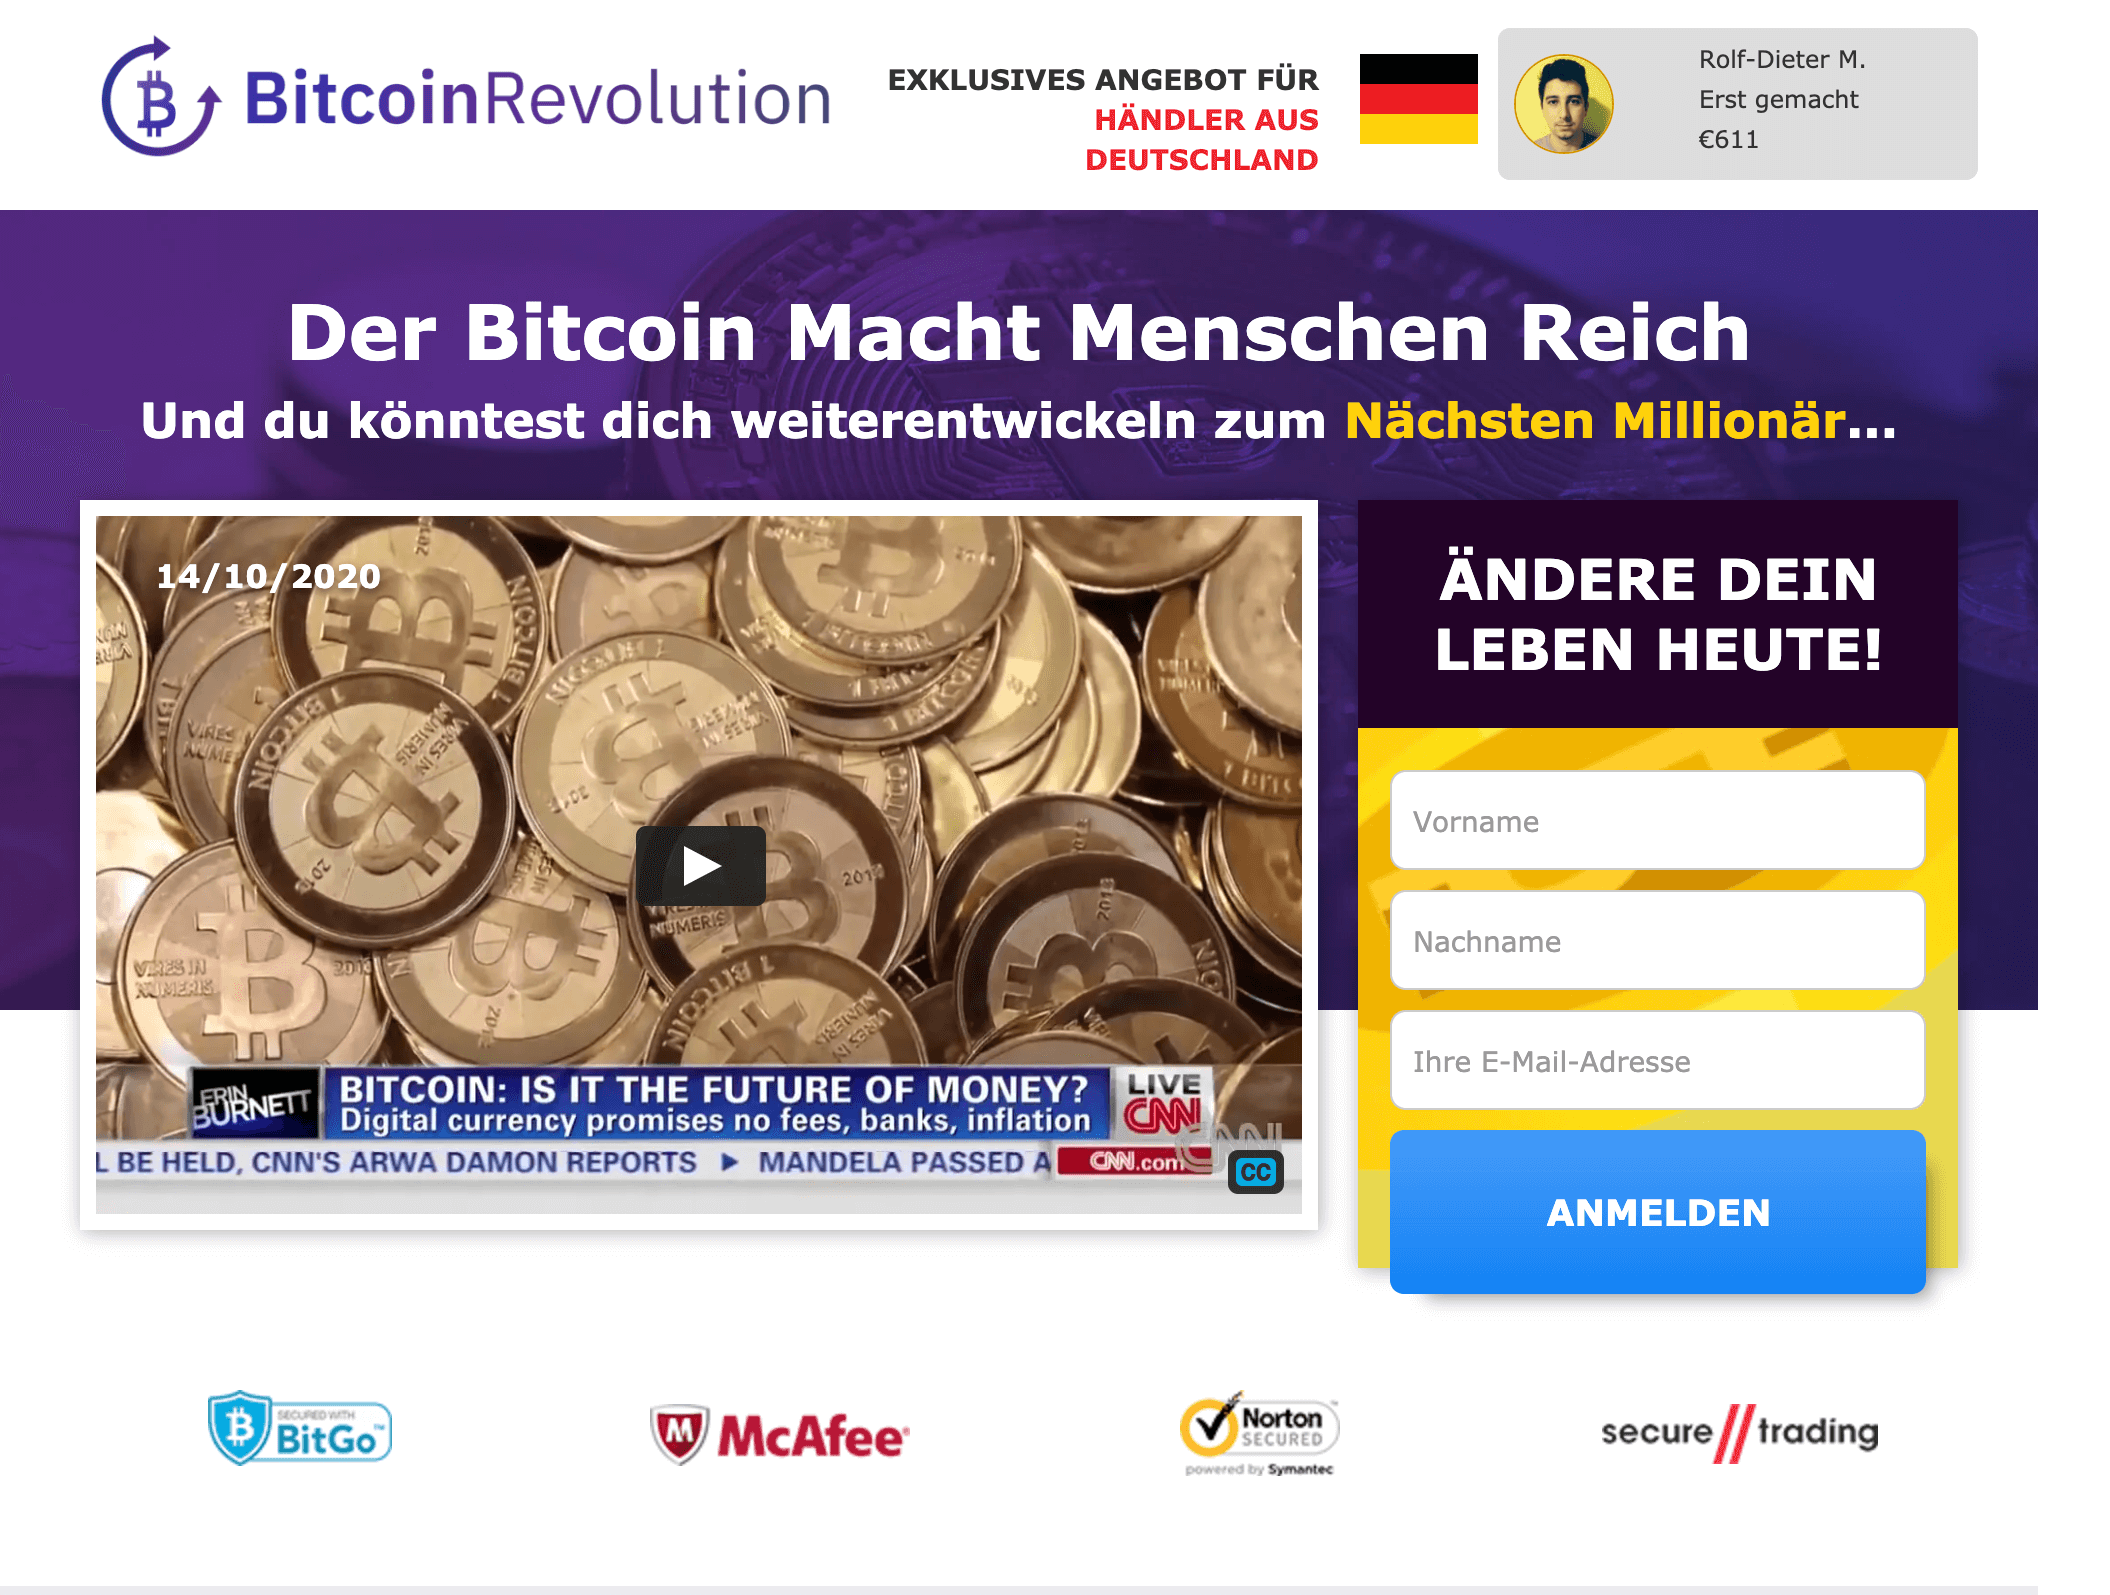 wie man eine bitcoin-handelsfirma gründet bitcoin schlechte erfahrungen